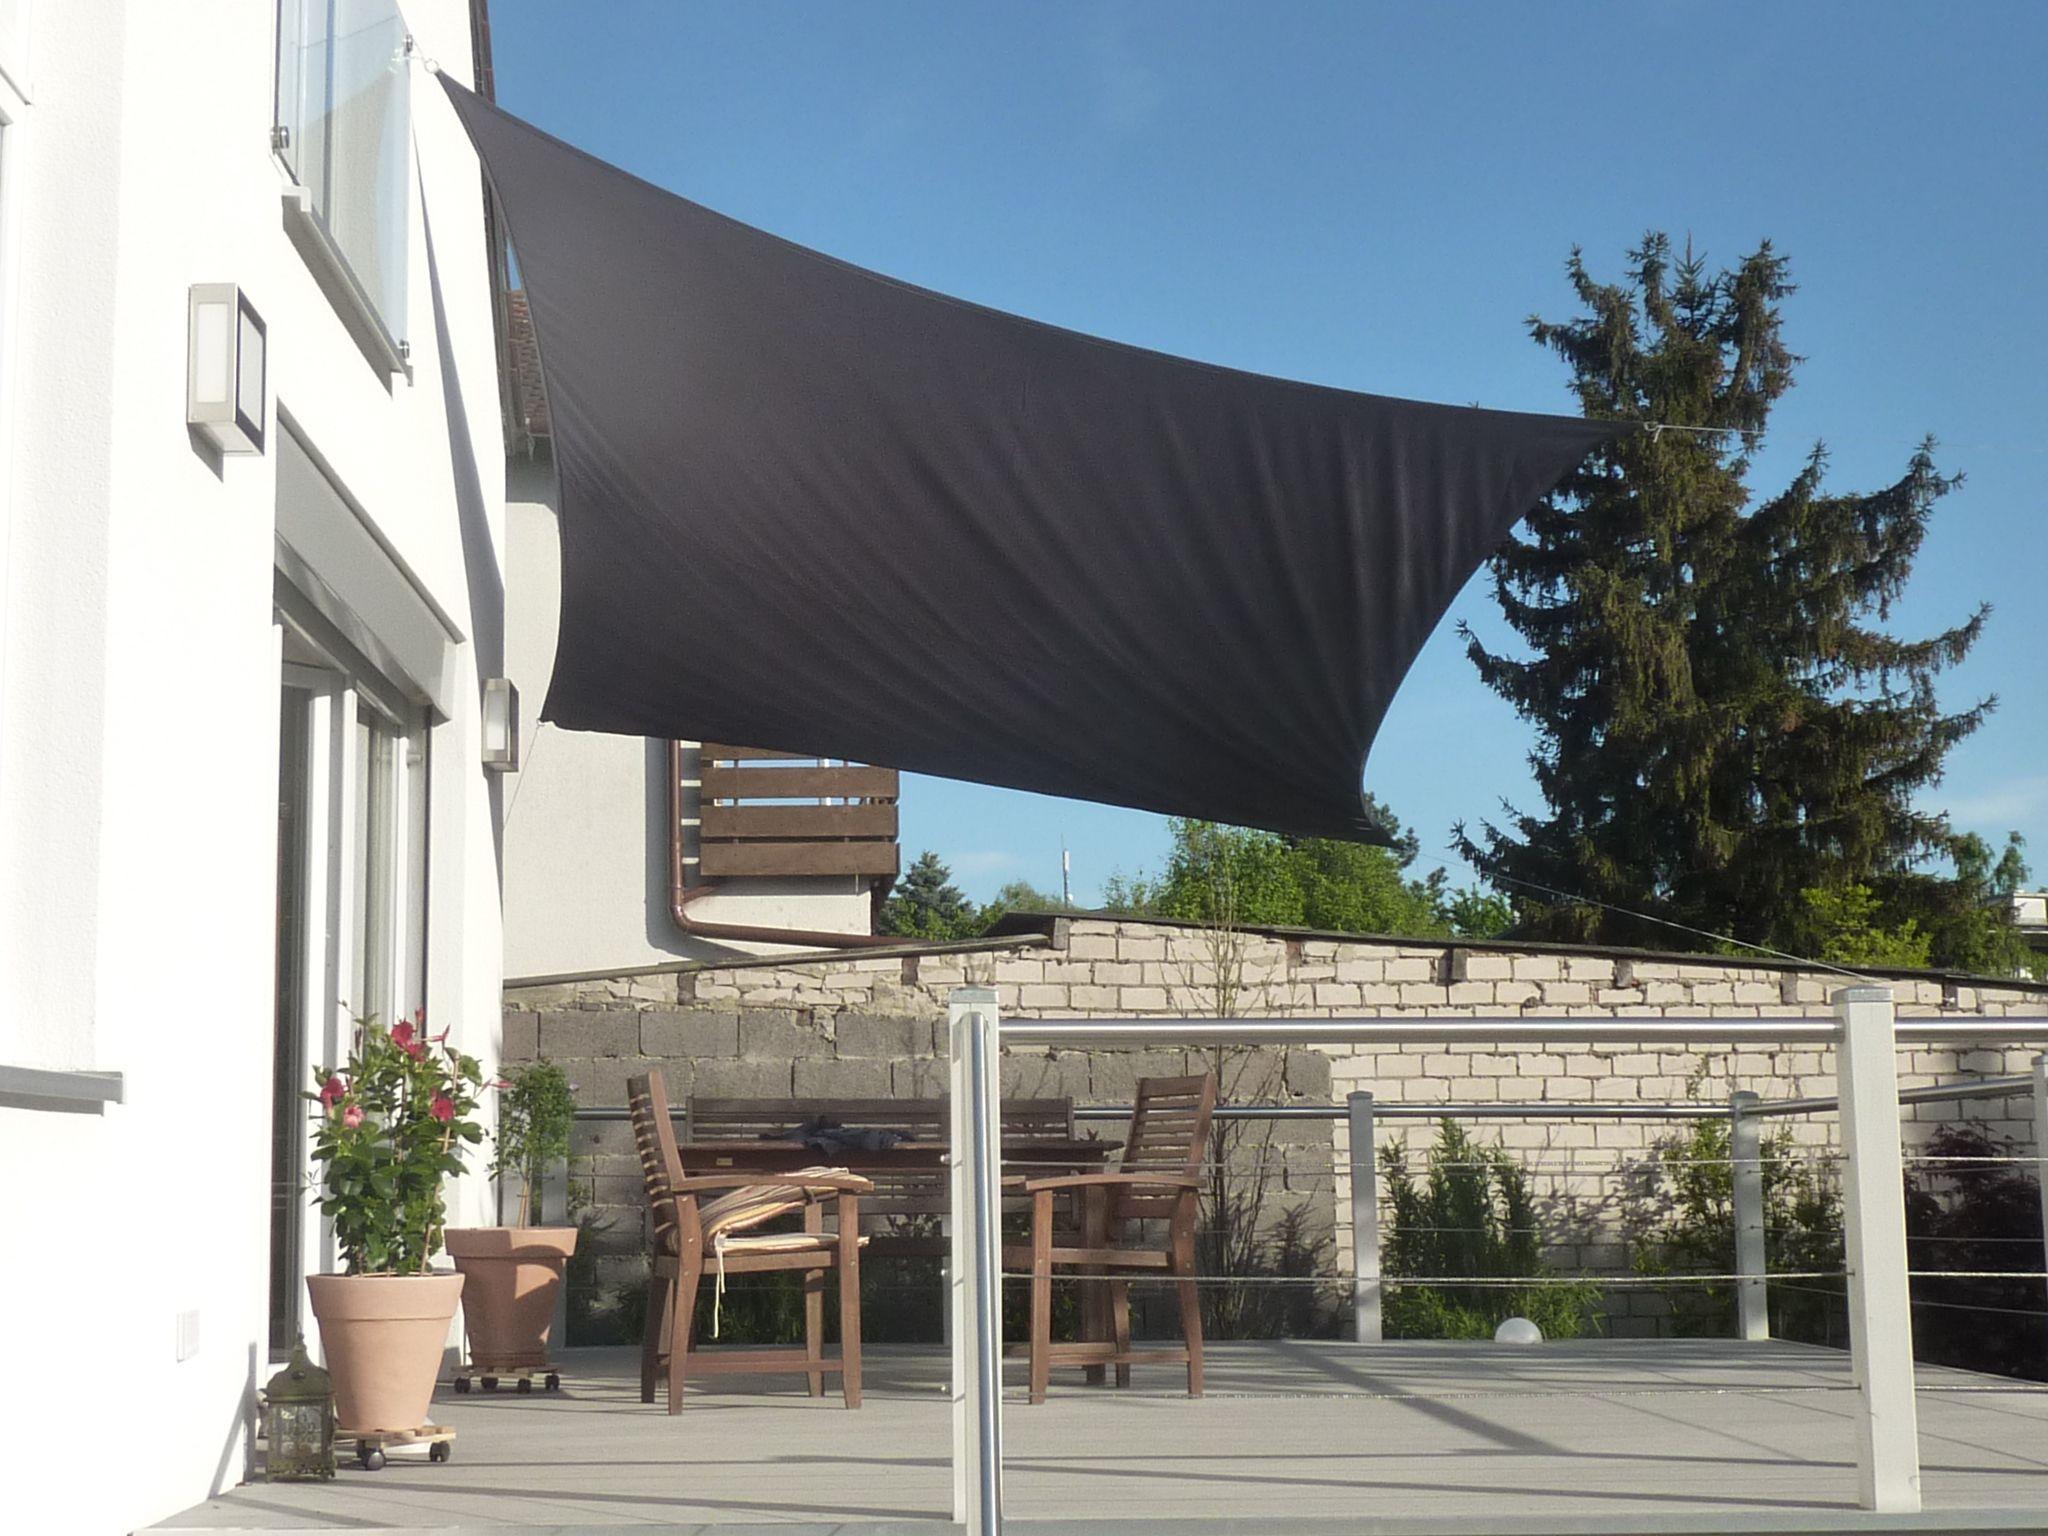 sonnensegel #terrasse #entspannen Schöner Wohnen mit unseren ...